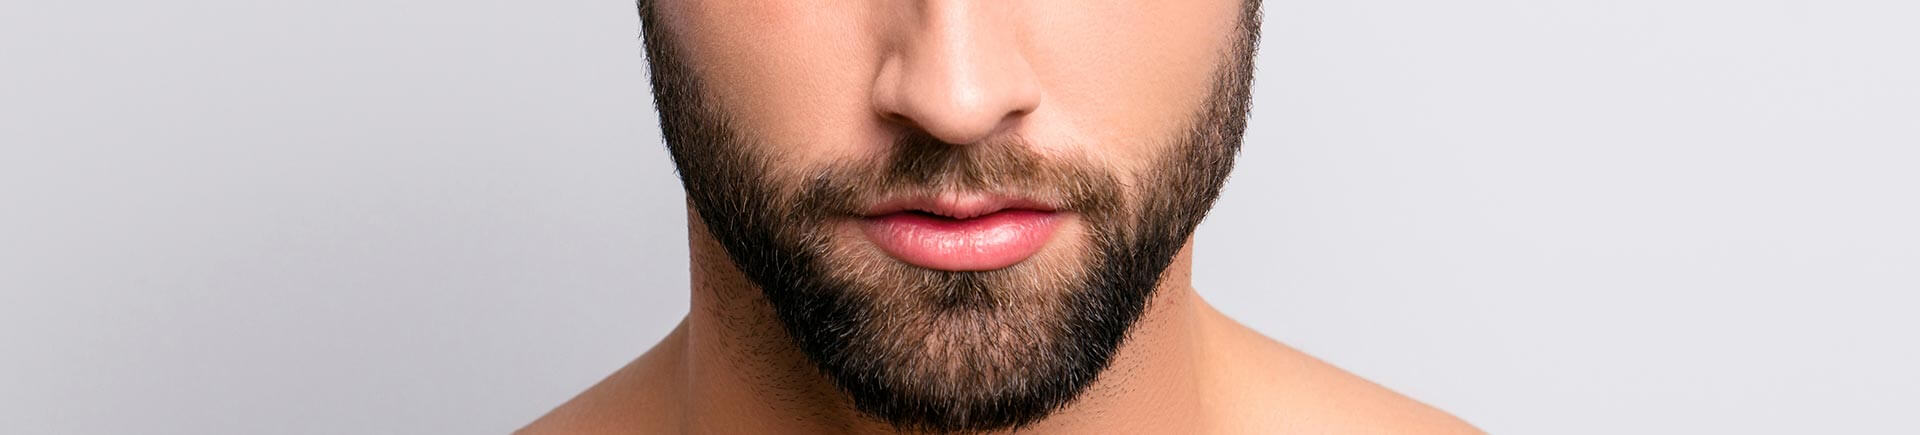 Beard of a young man